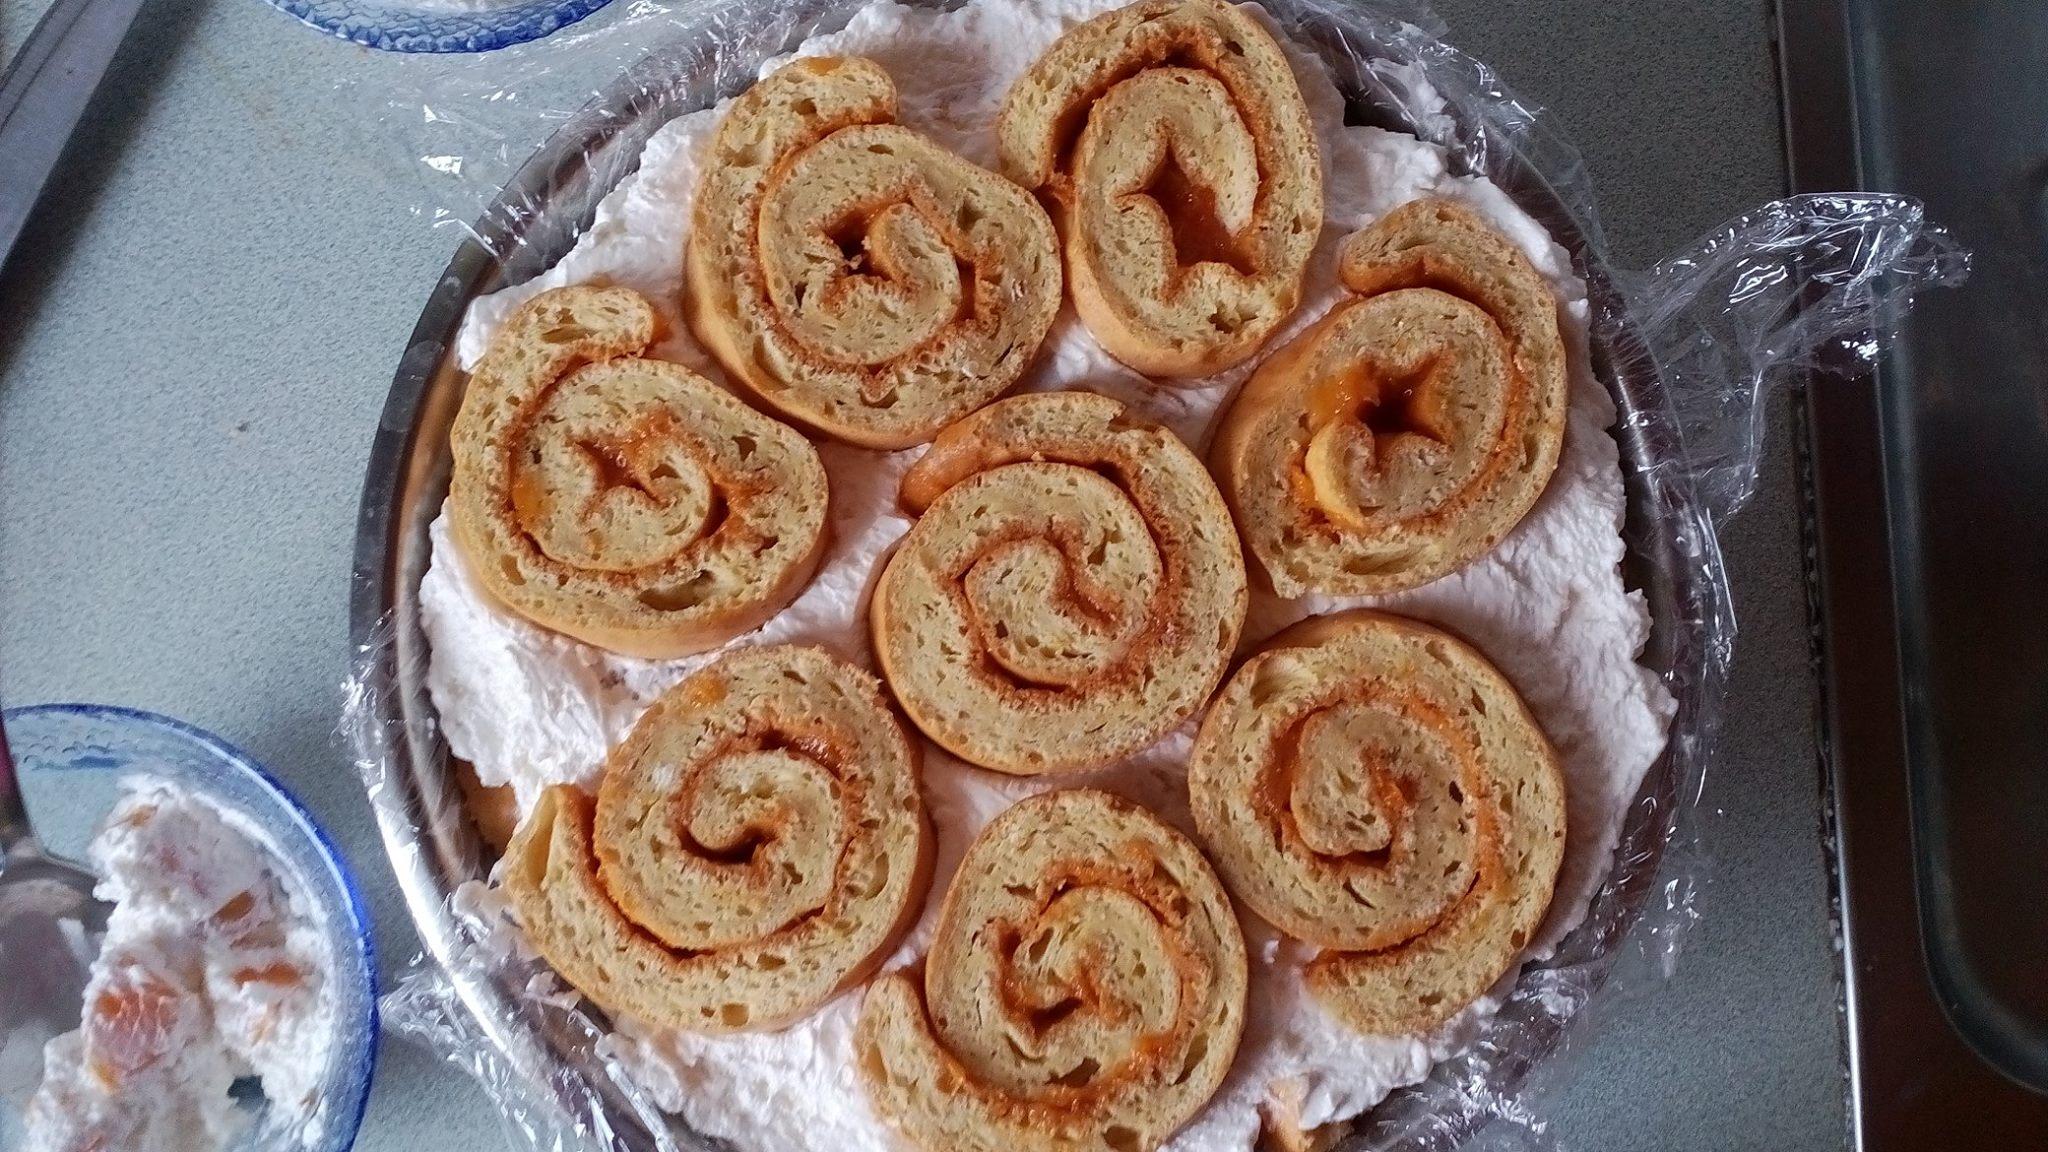 Cukormentes Charlotte torta szénhidrátcsökkentett diétás piskótatekercsből